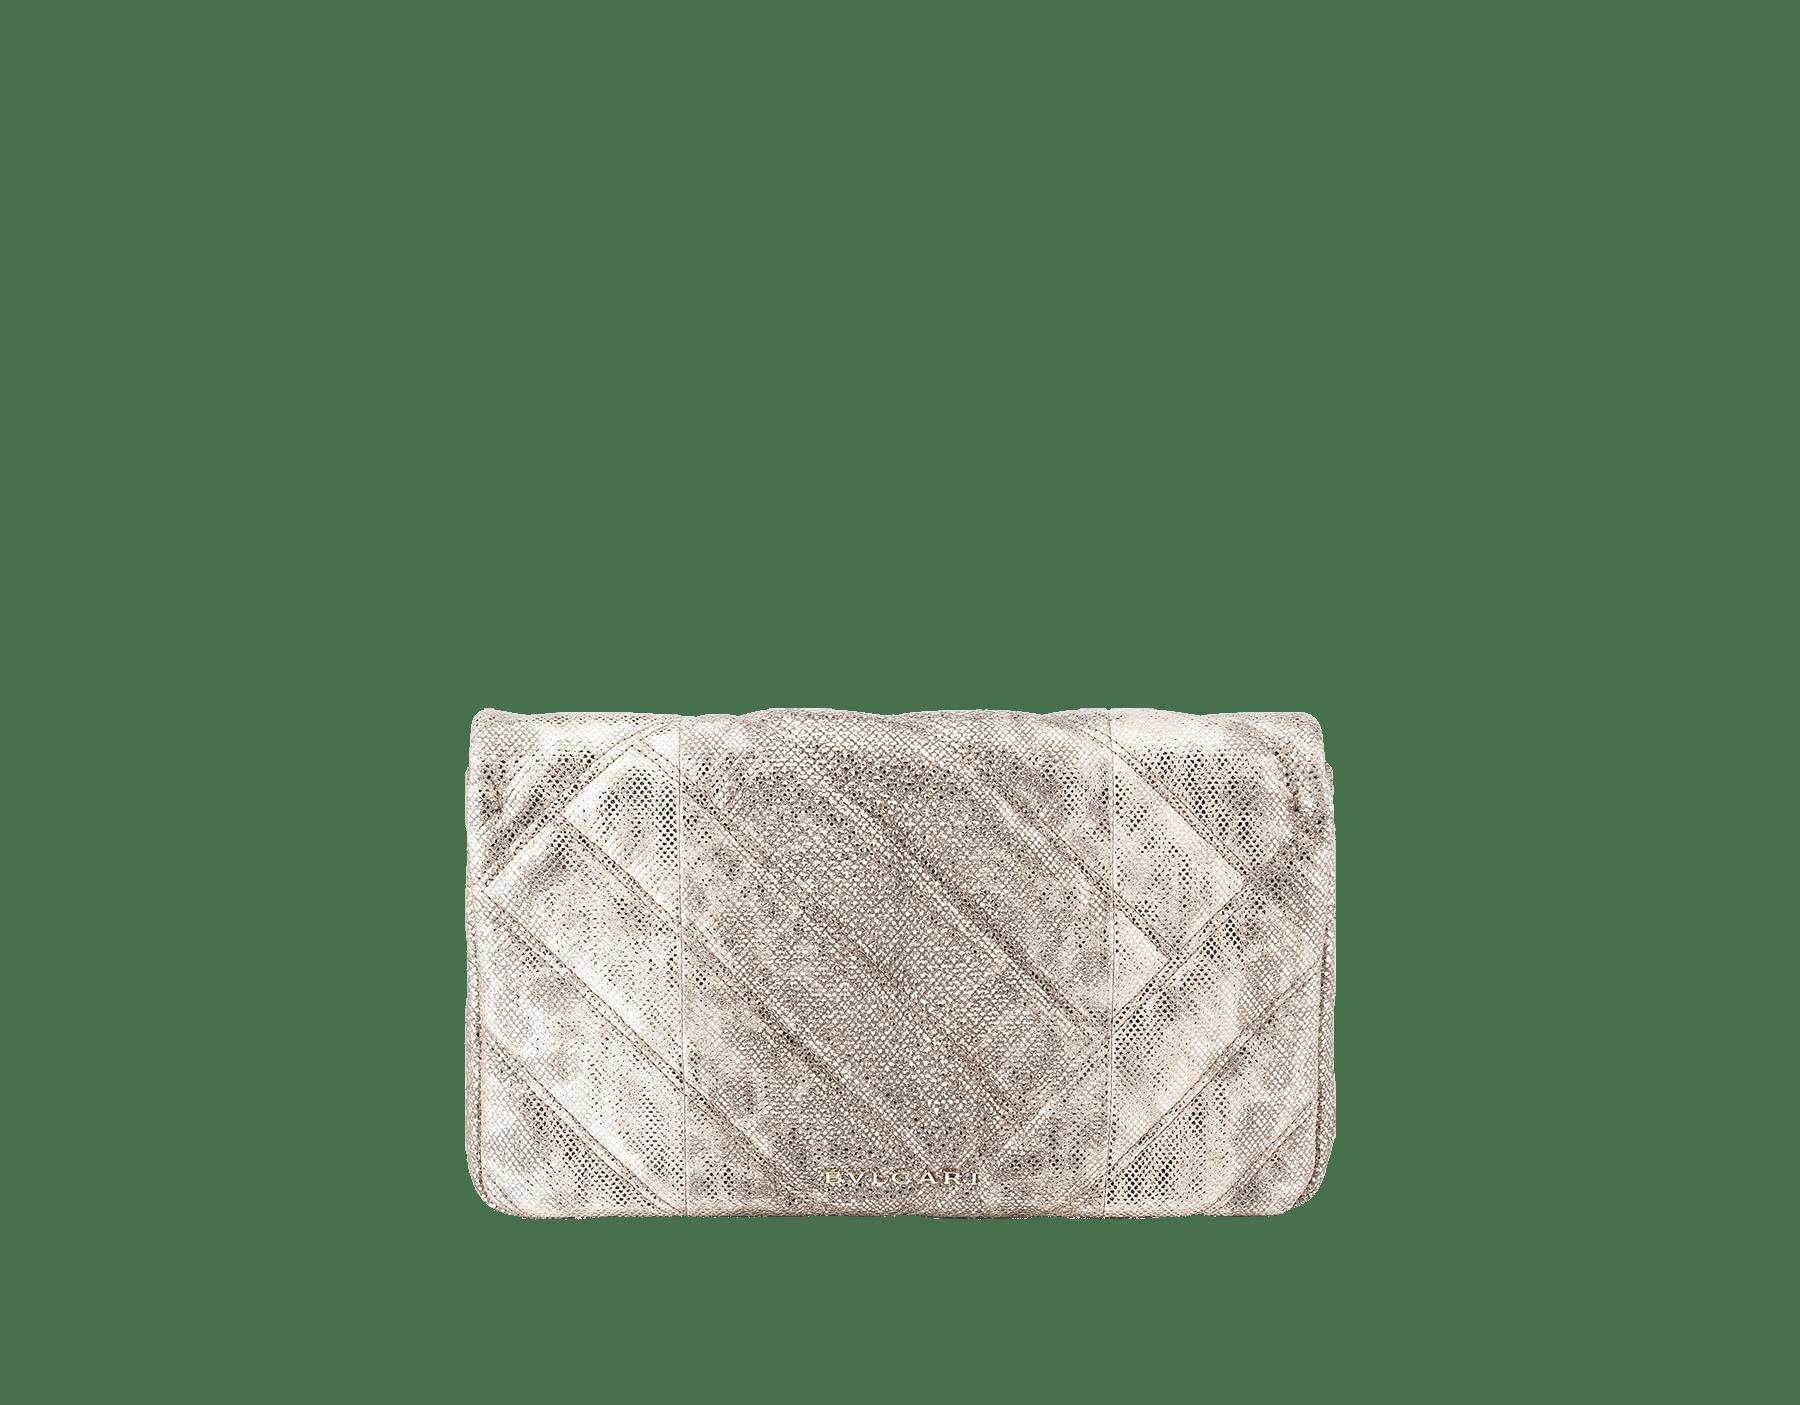 Clutch Serpenti Cabochon in karung metallizzato bianco opale con motivo geometrico matelassé. Accattivante chiusura Serpenti in ottone placcato oro chiaro, smalto nero e glitter bianco opale con occhi in onice nera. 1025-MK image 3